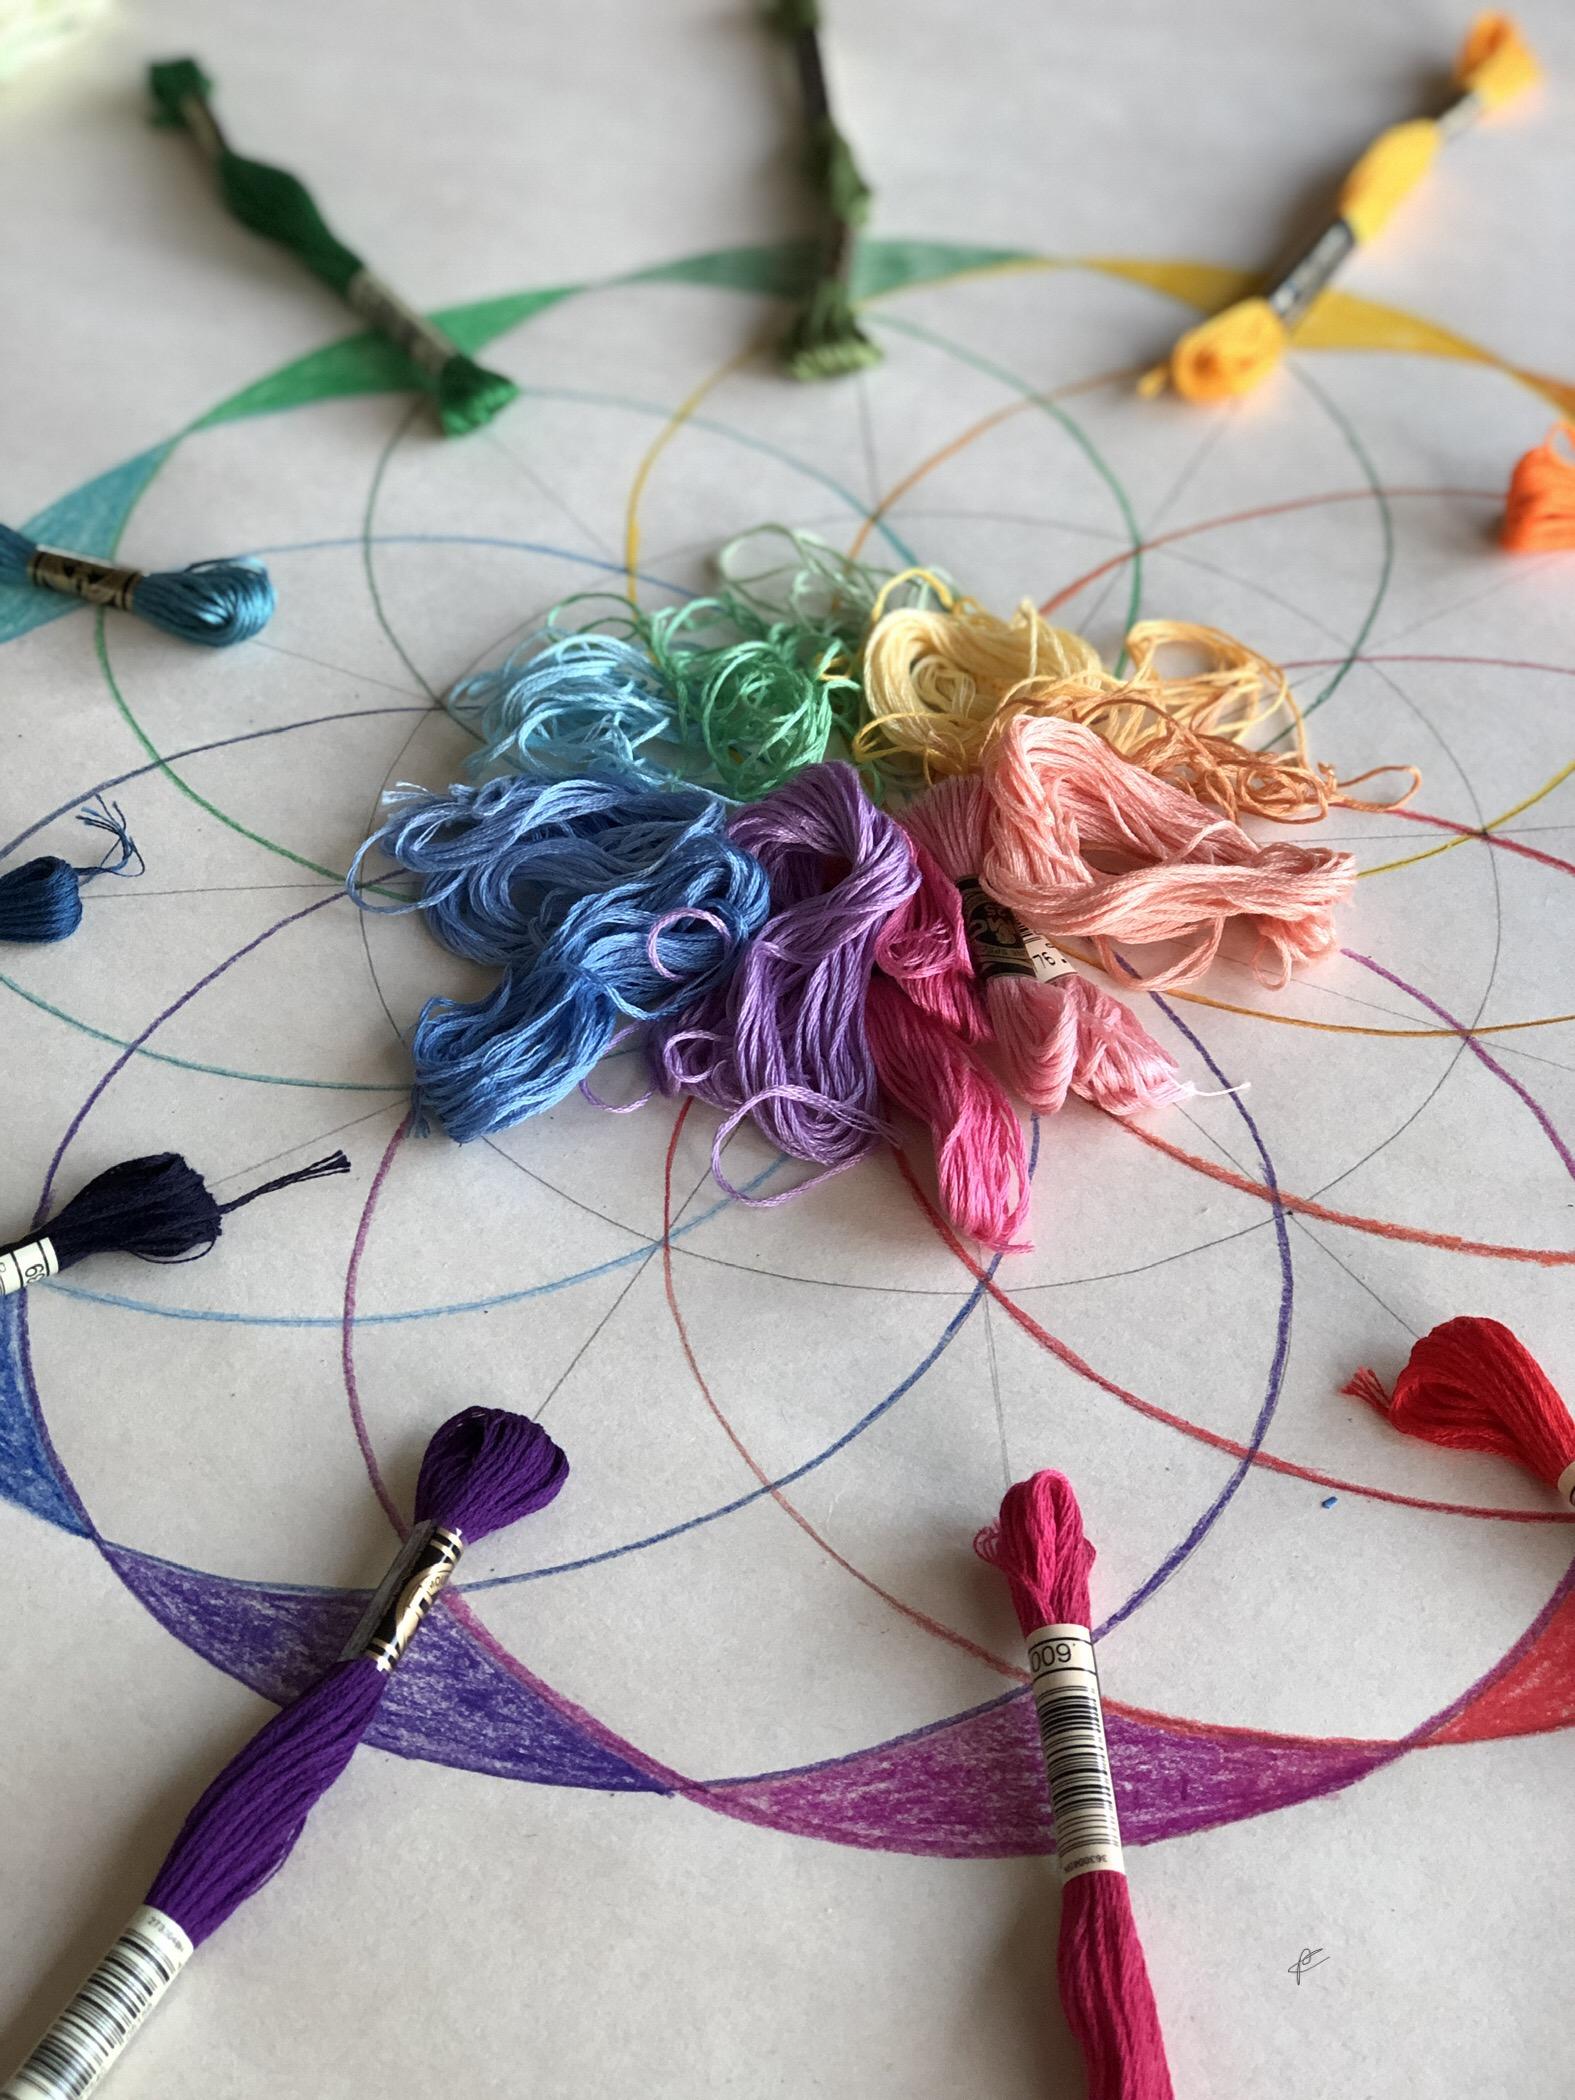 een cirkel verdeeld in 12 kleurparten